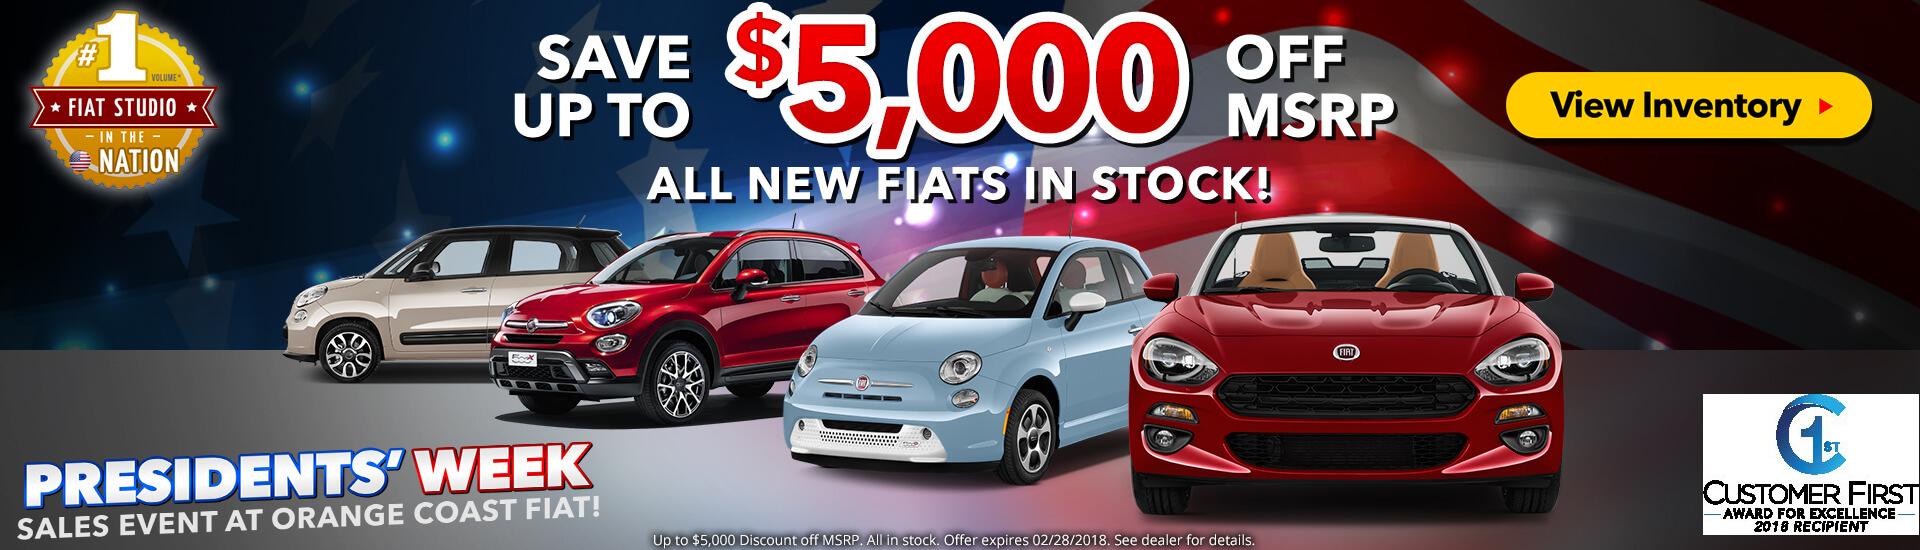 Fiat - ALL